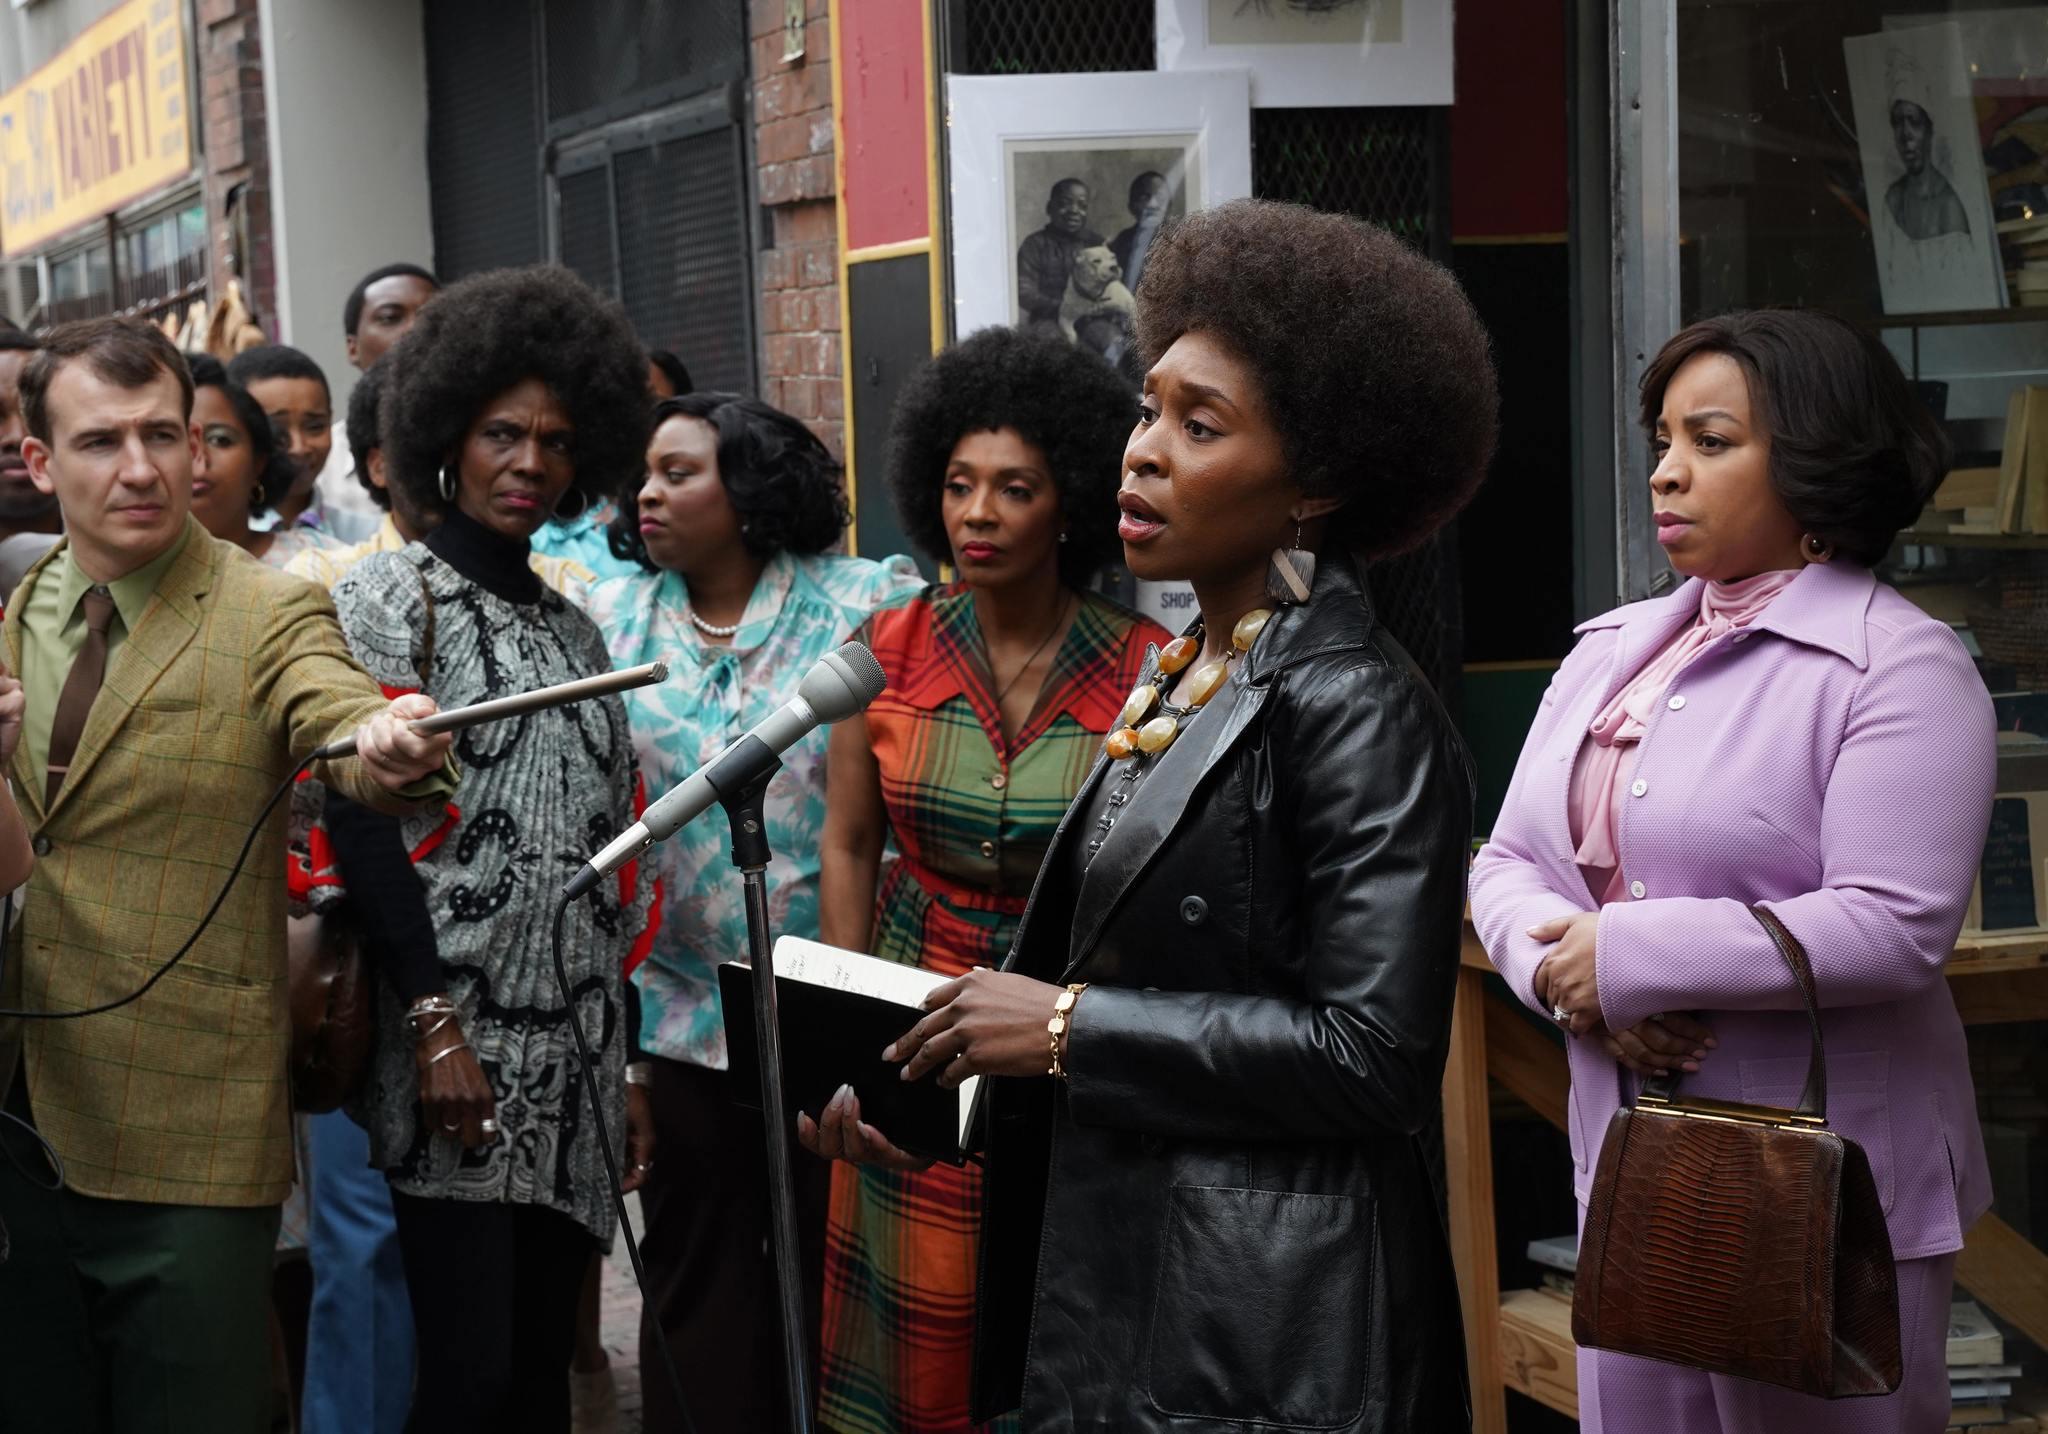 """Un fotograma de la serie """"Genius: Aretha"""", en la que se puede ver el compromiso activista de Aretha Franklin."""